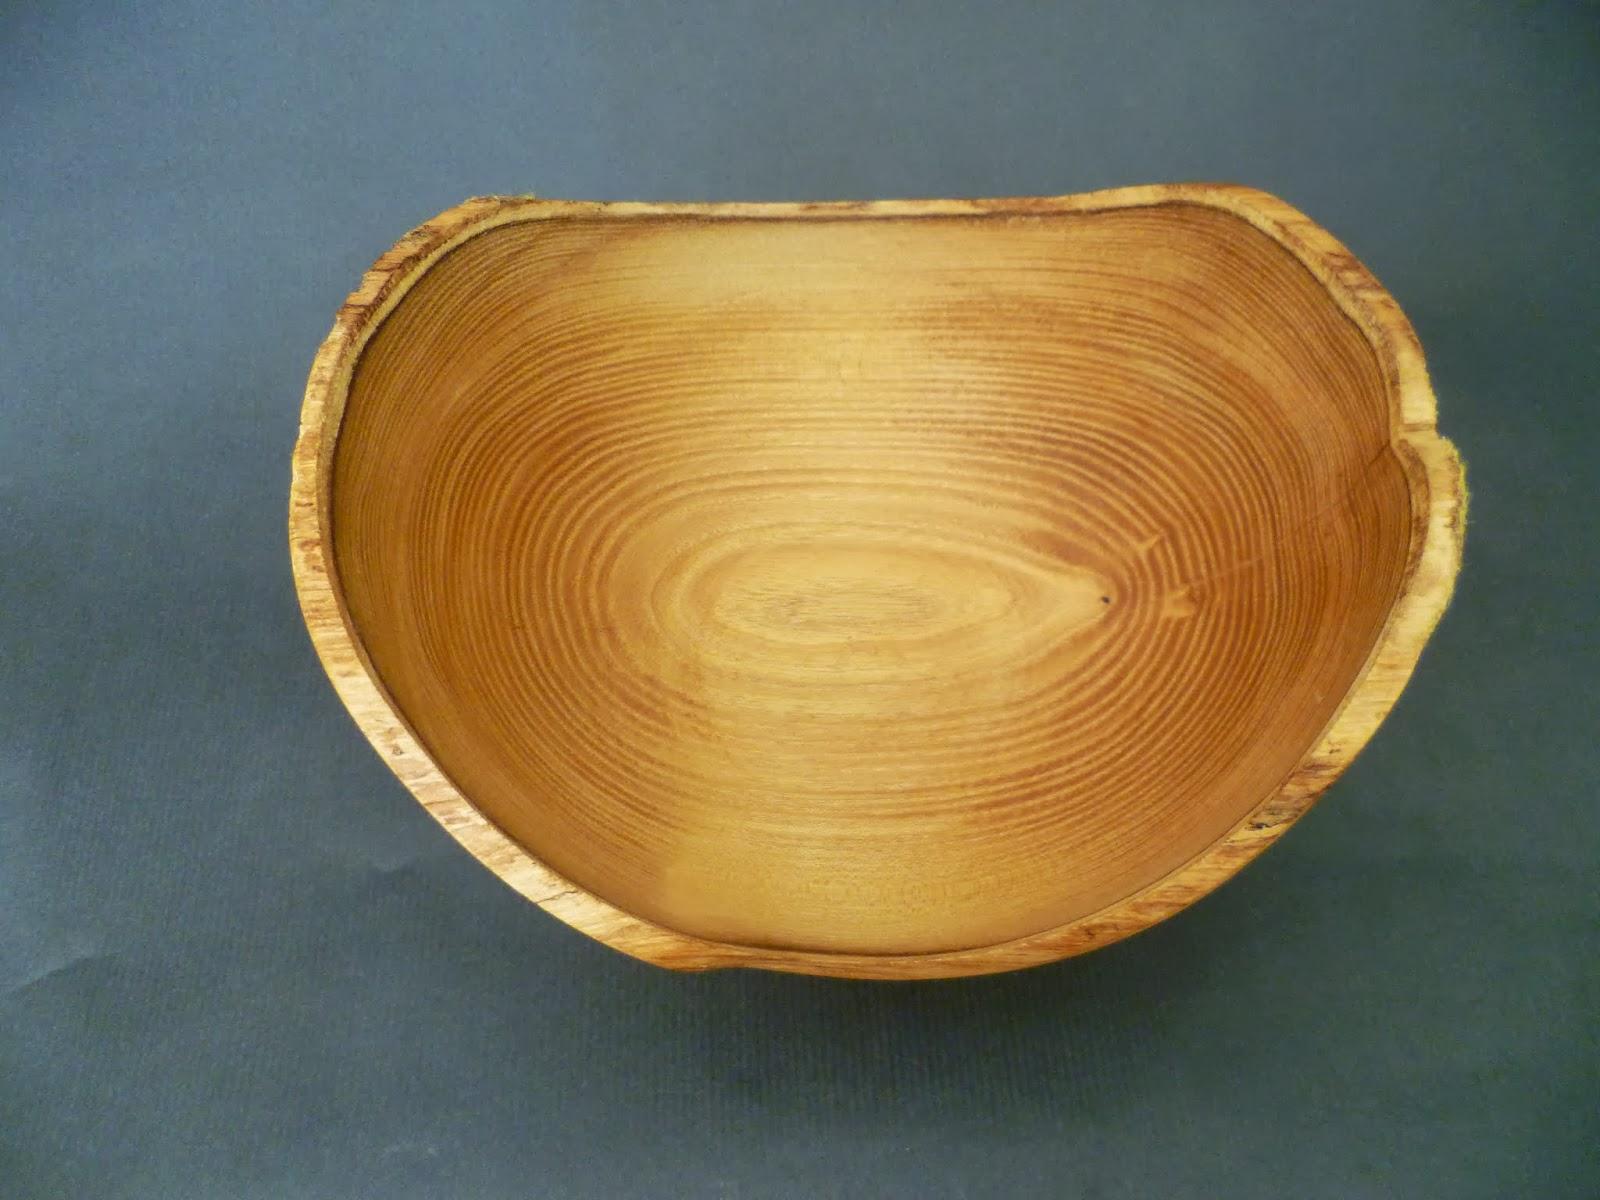 atelier du bois tourn woodturning design une coupe fruits bord naturel. Black Bedroom Furniture Sets. Home Design Ideas